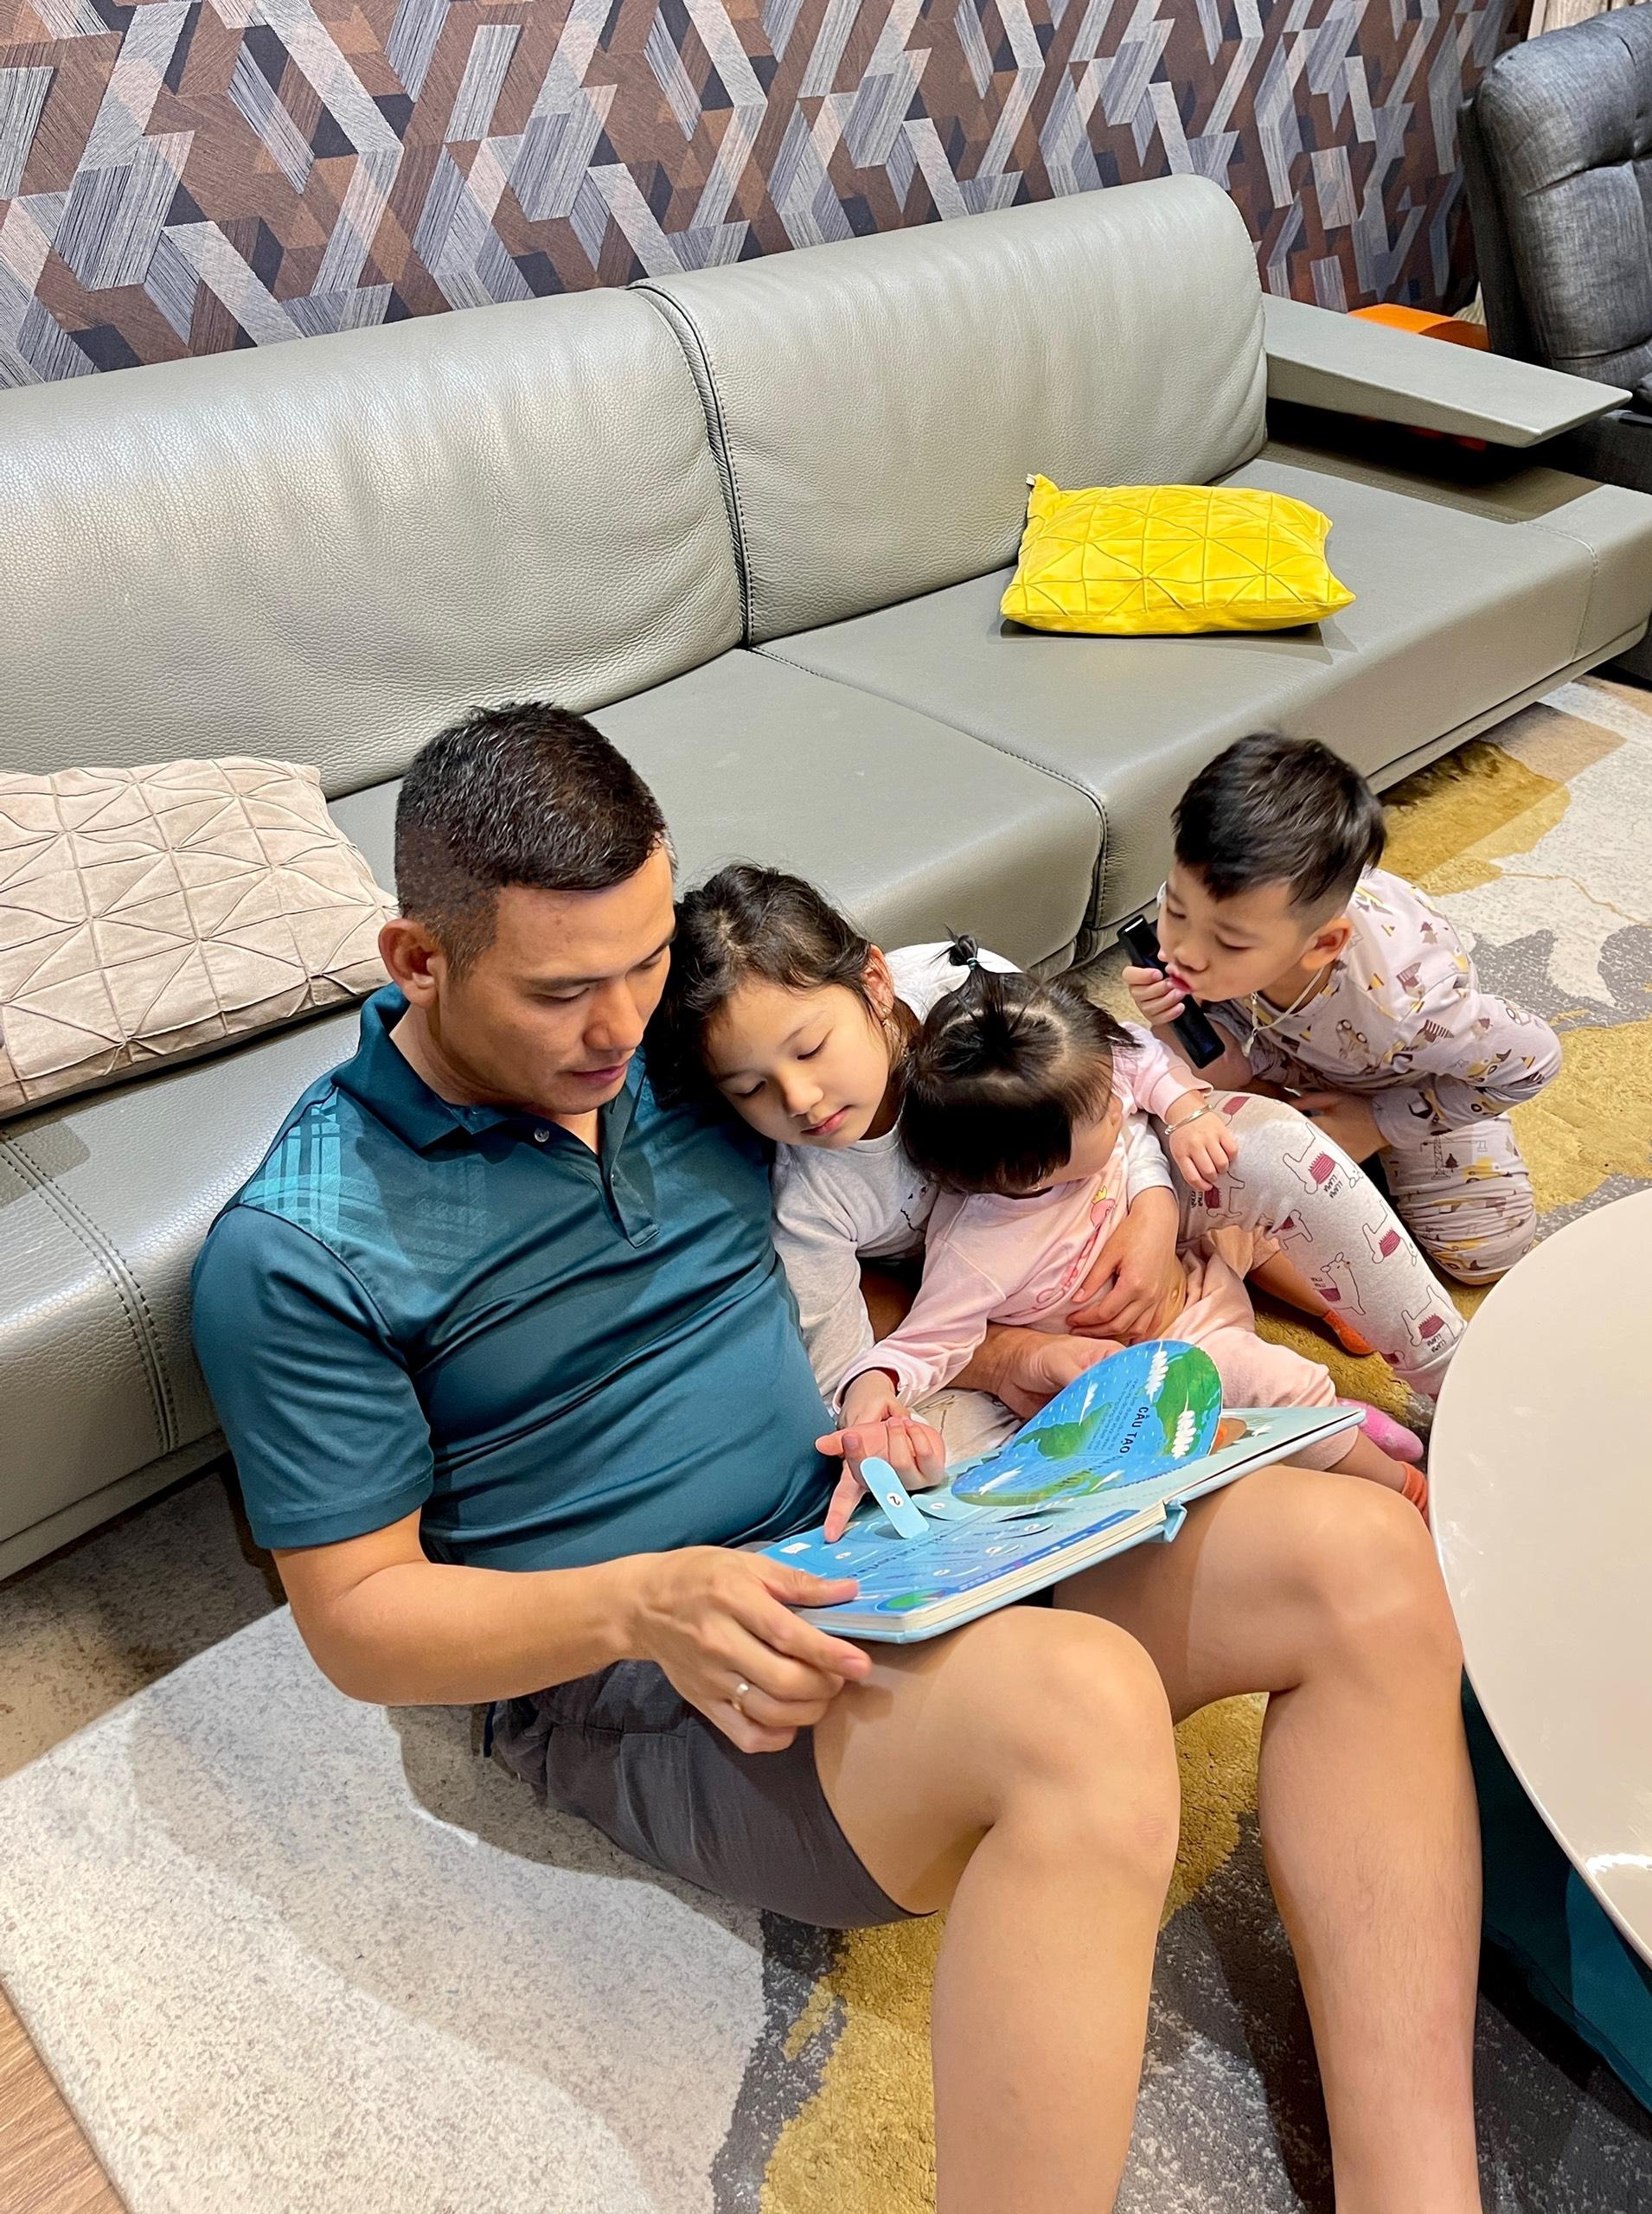 Hoa hậu Jennifer Phạm: Dịch Covid-19 cho chúng ta cơ hội sống chậm lại và yêu thương nhiều hơn - Ảnh 2.